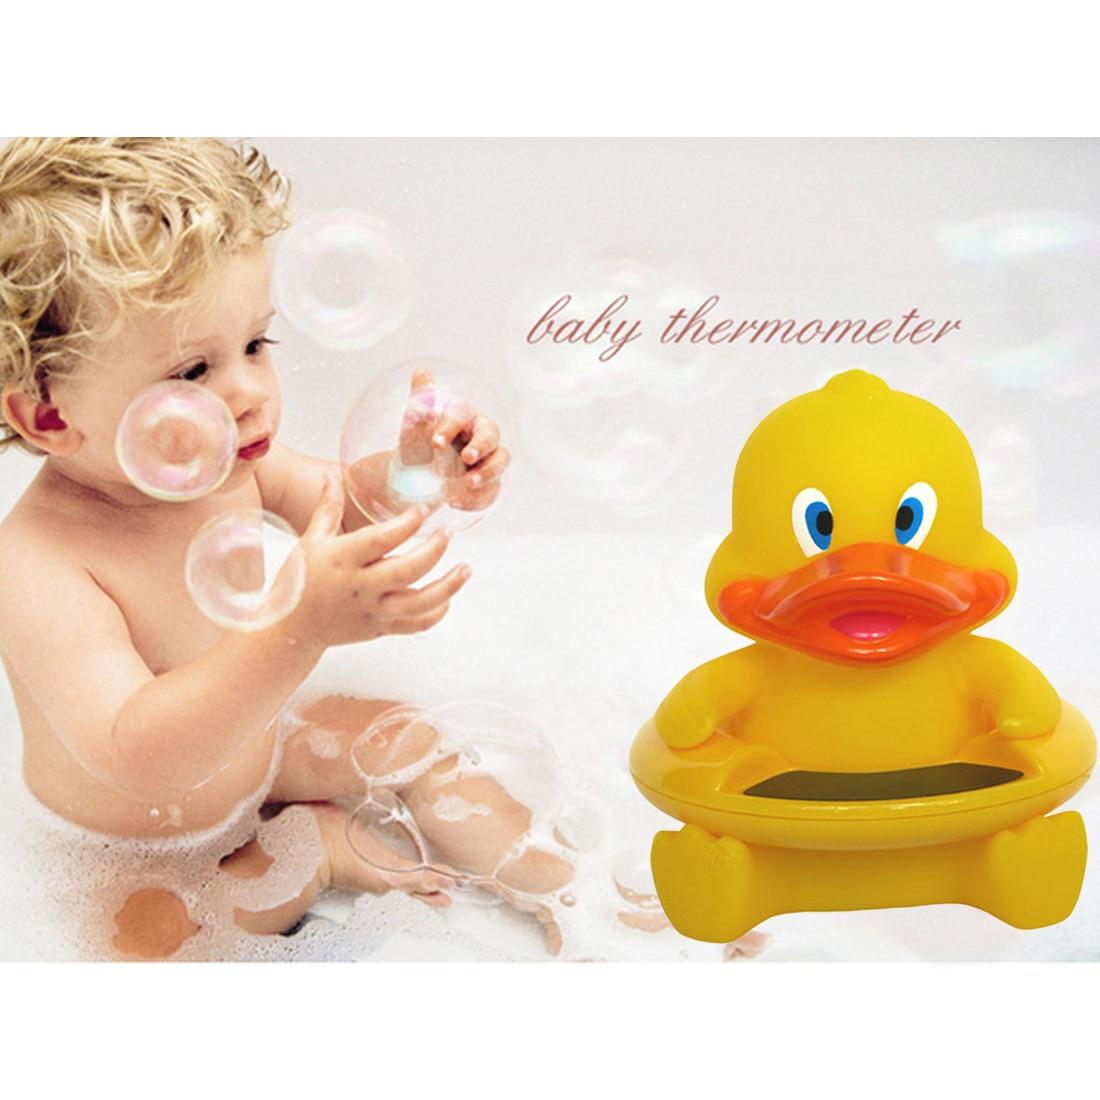 2 In 1 Cartoon Baby Niedliche Ente Form Thermometer Baby Säuglings Badewanne Wasser Temperatur Tester Toy